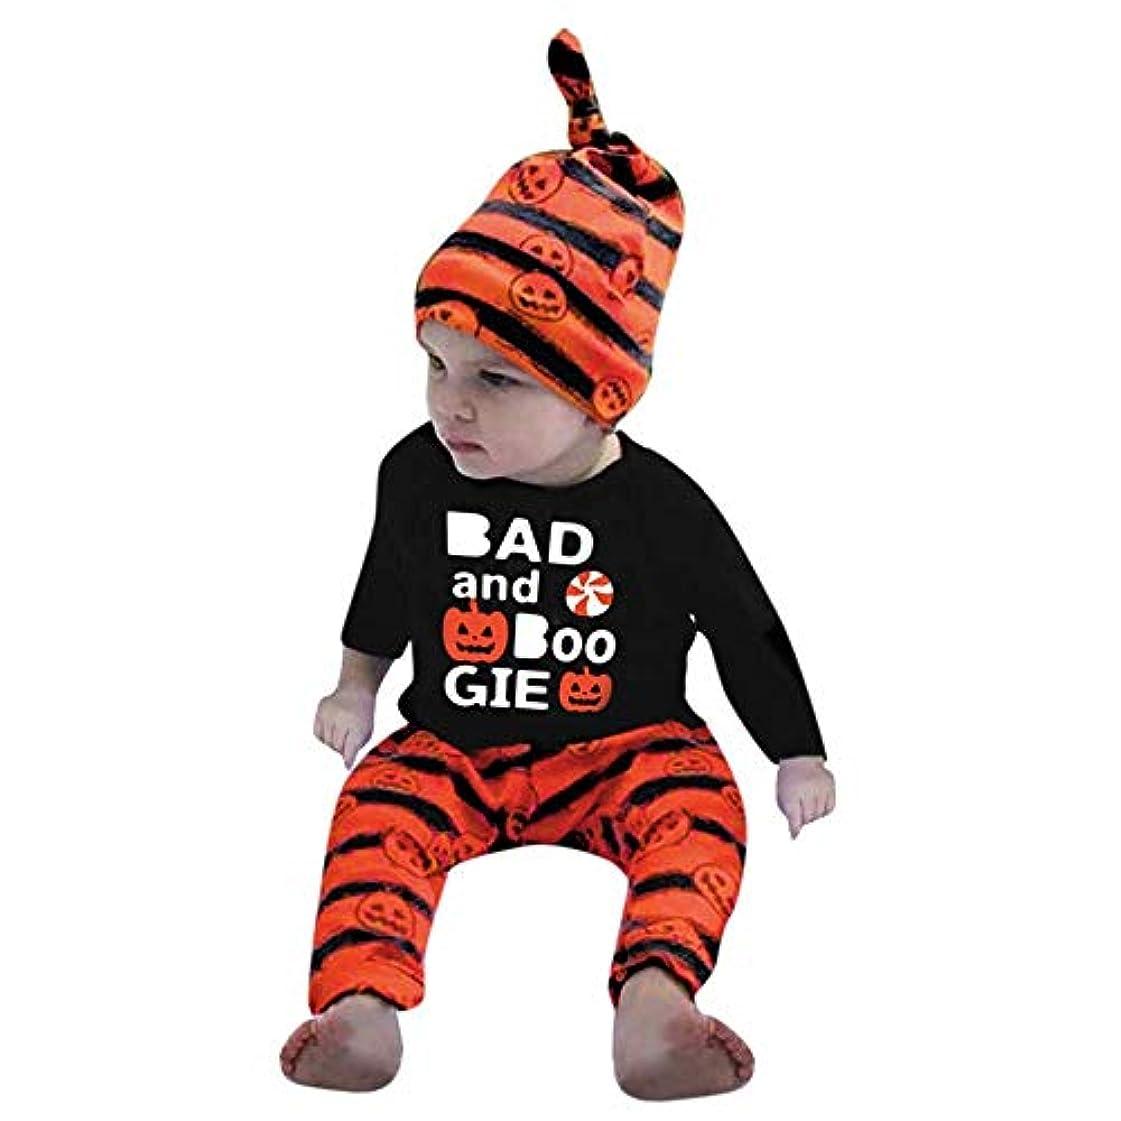 凍るコンテンツ電子レンジBHKK 幼児少年少女ロングスリーブプリントハロウィーンパンプキントップ+ストリップパンツ 3ヶ月 - 24ヶ月